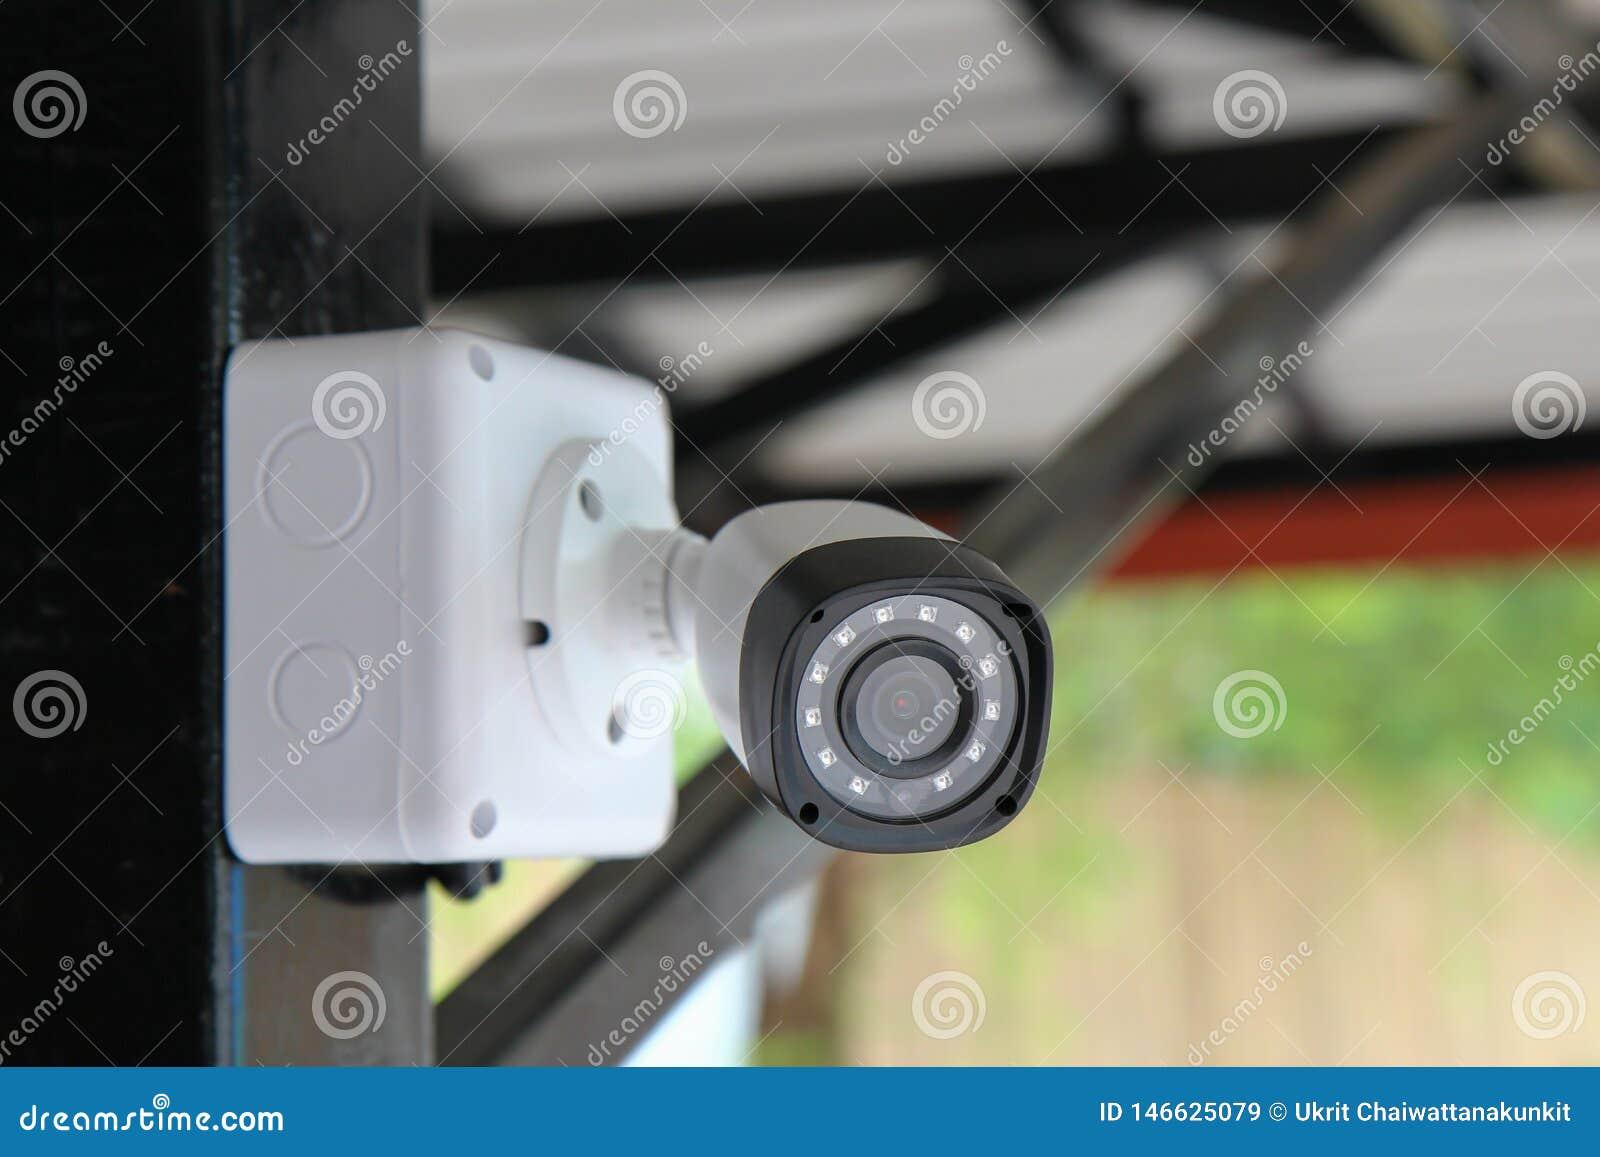 Caméra de télévision en circuit fermé de sécurité pour la protection à la maison